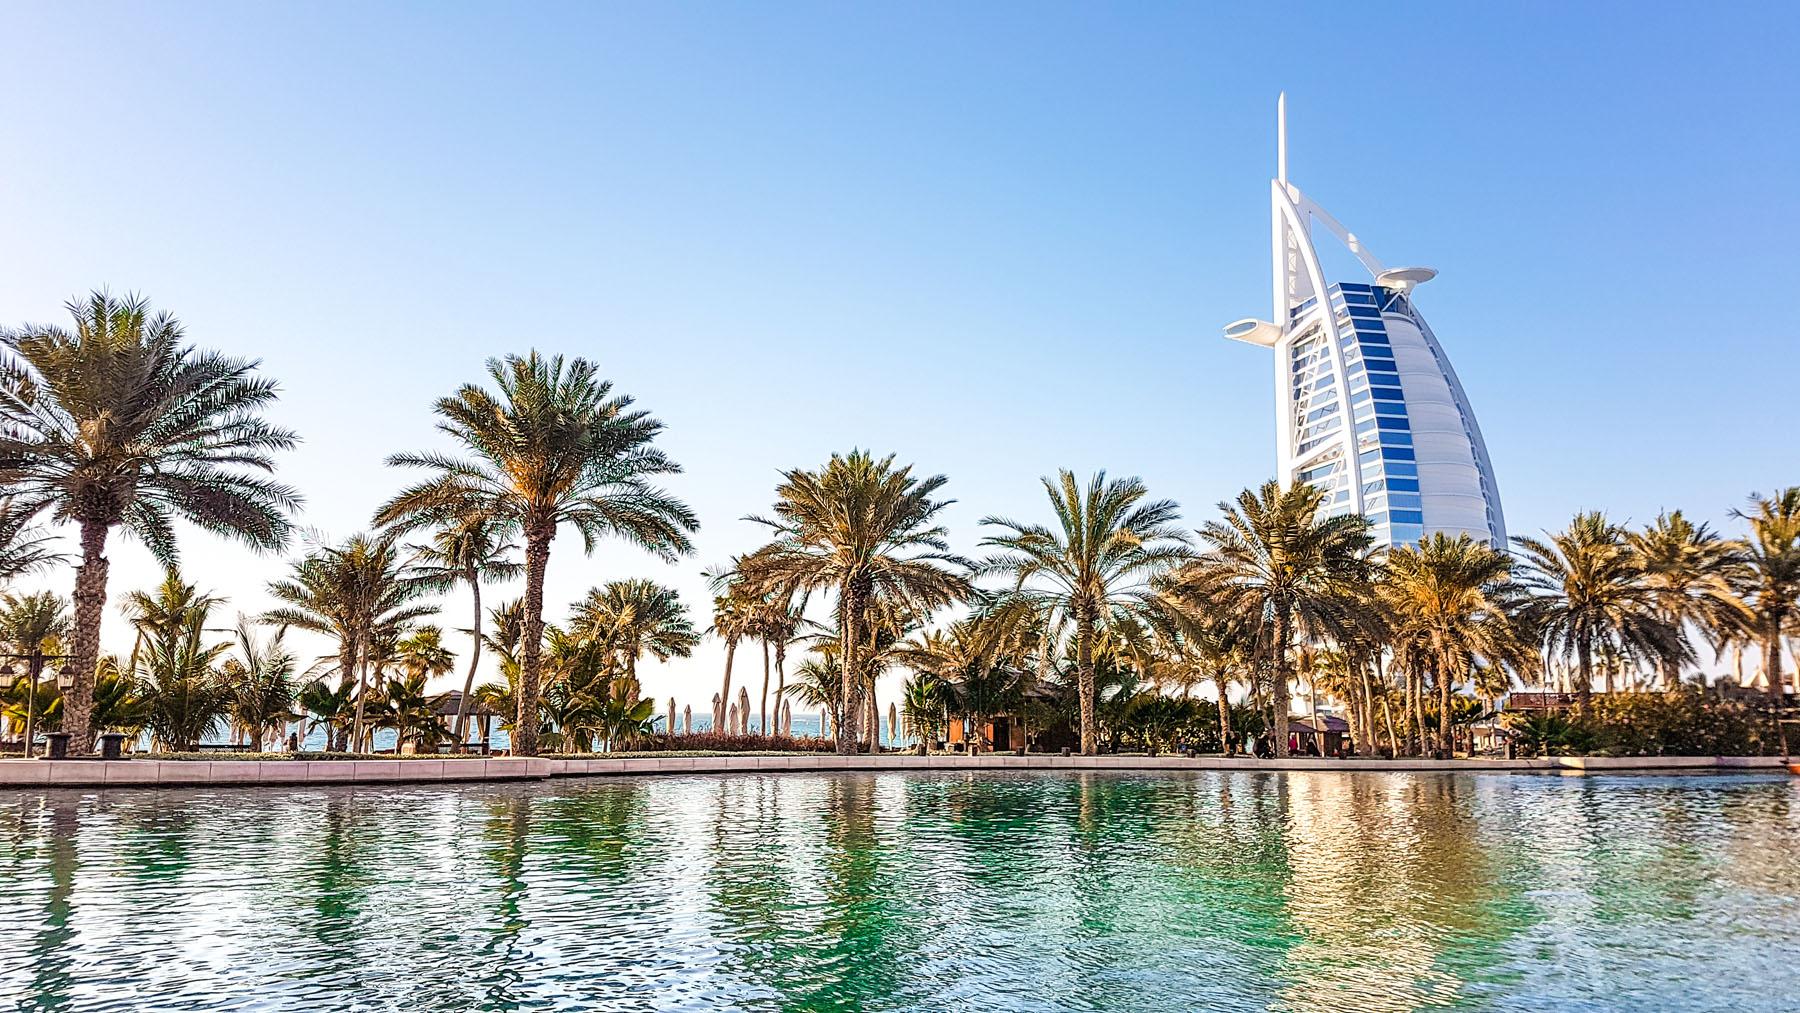 Dubai Burj al Arab Madinat Jumeirah Dau